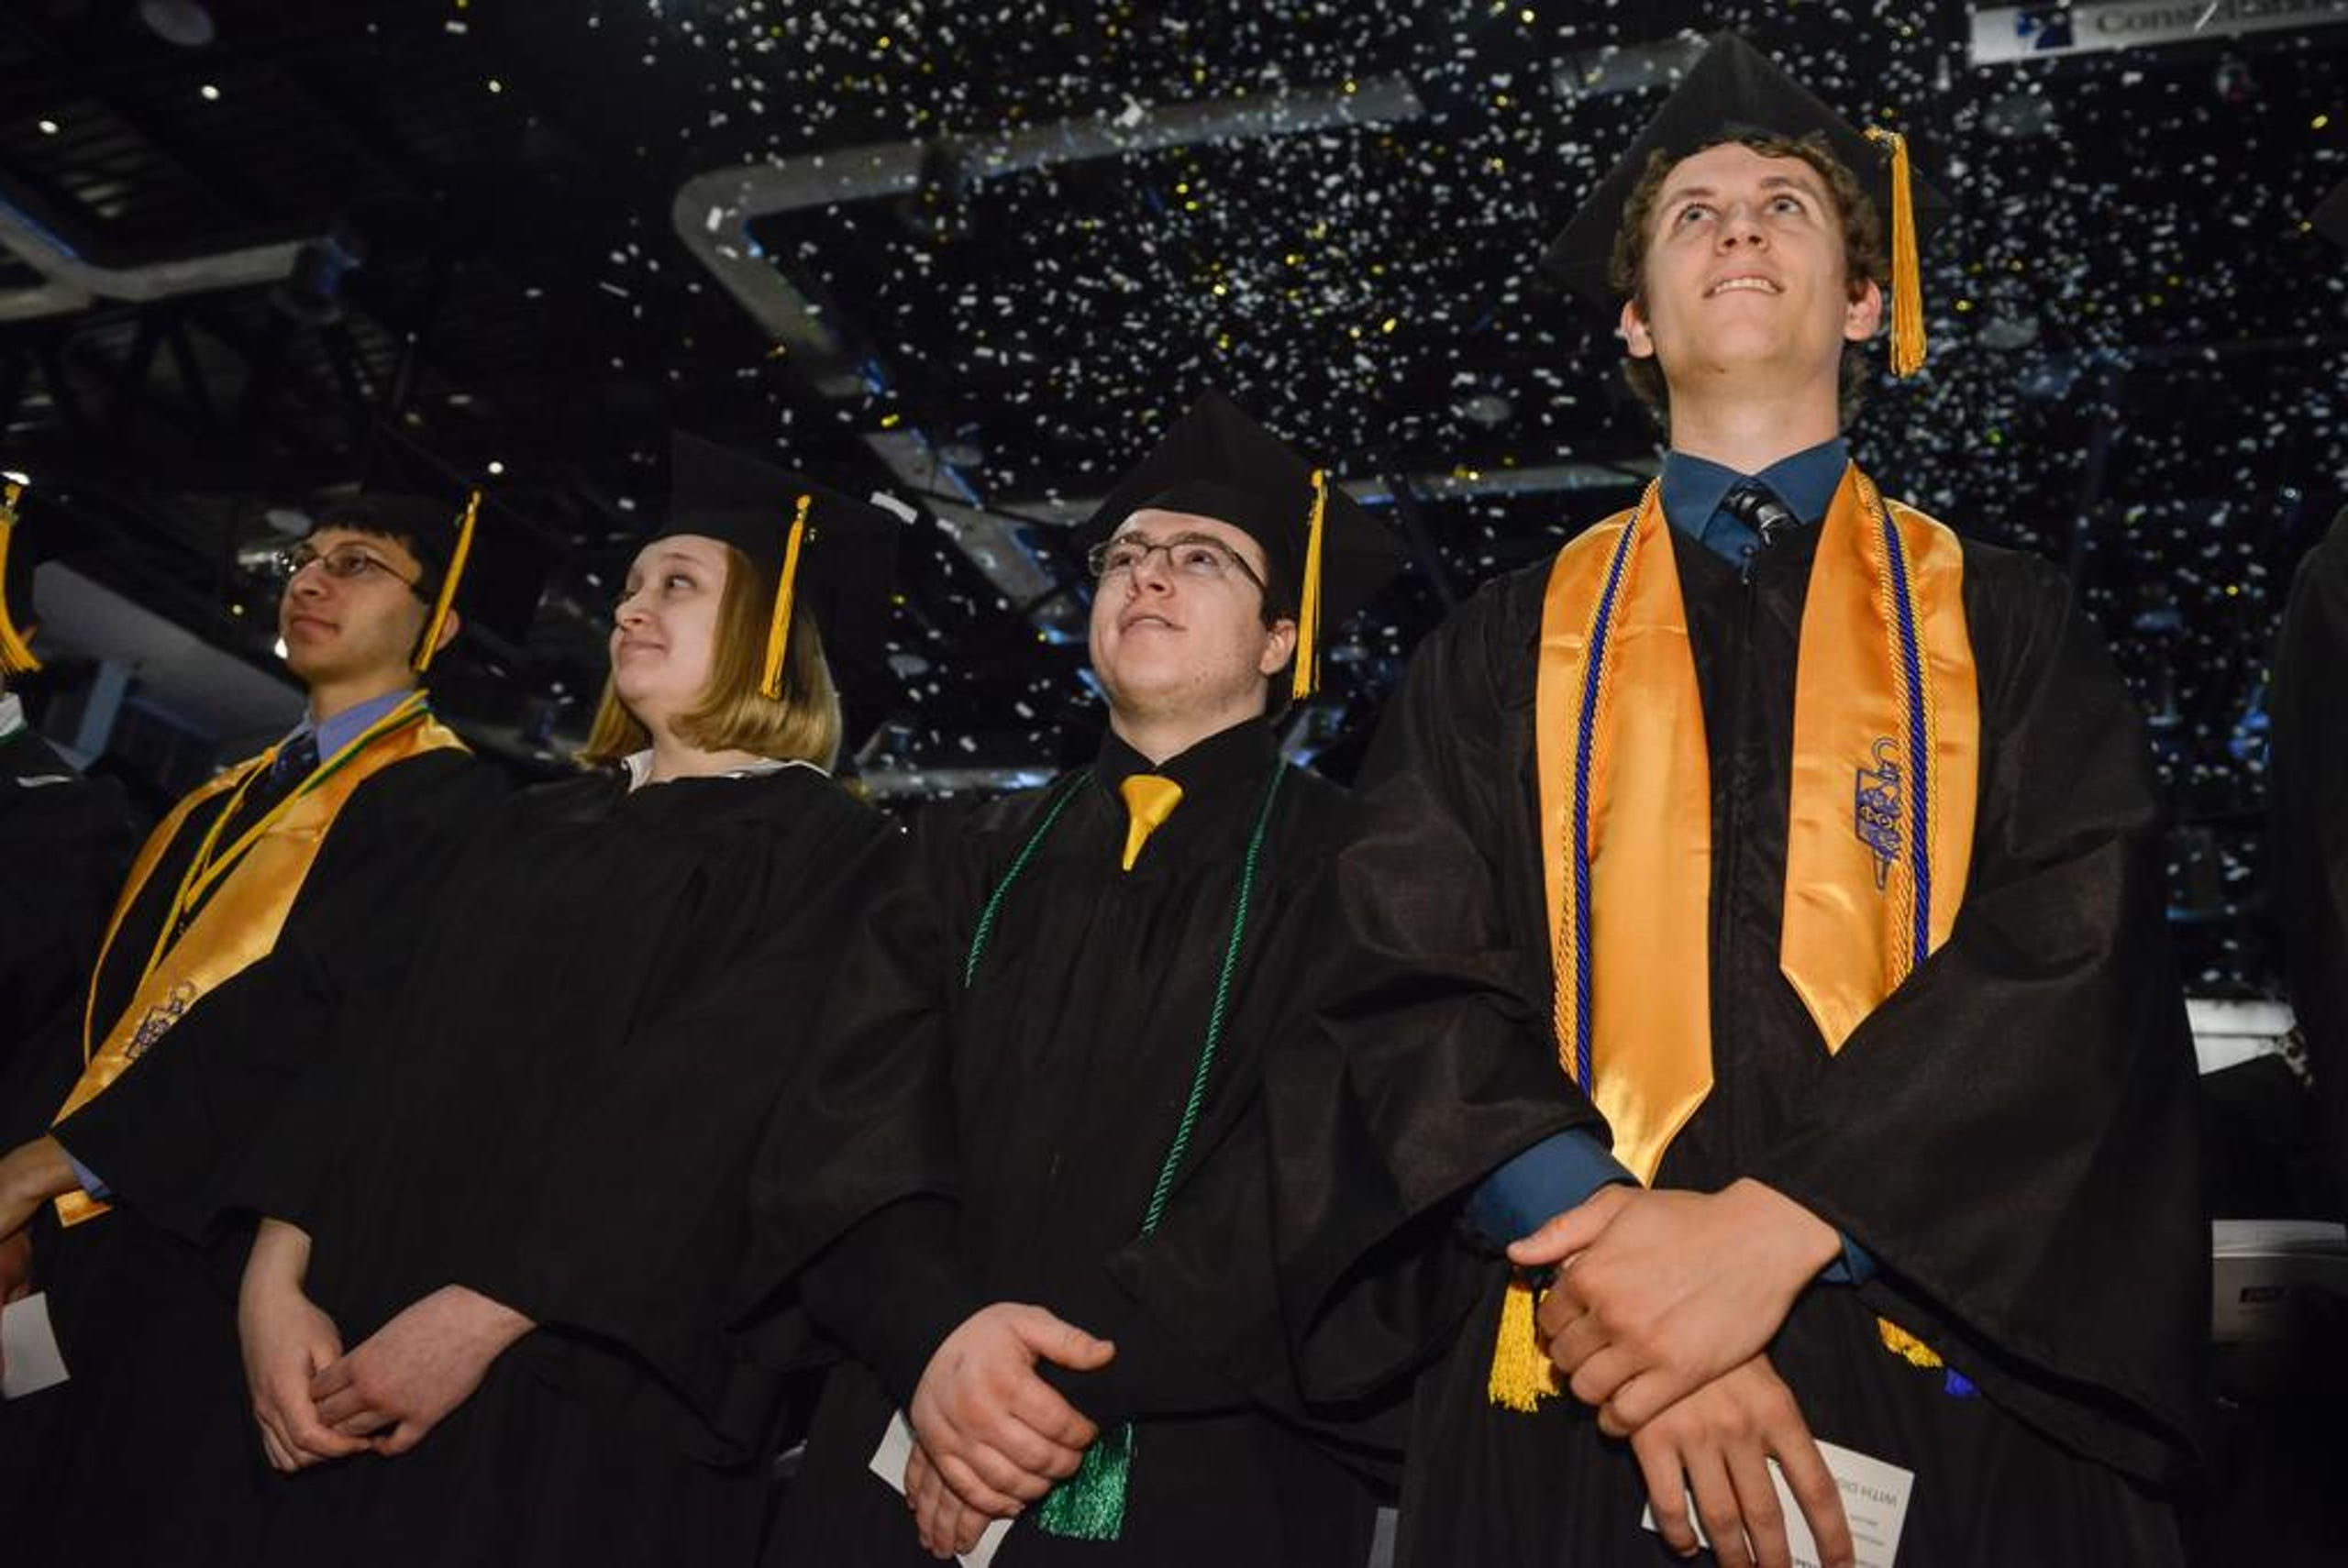 Amber Michaels Images 2014 mcc graduation